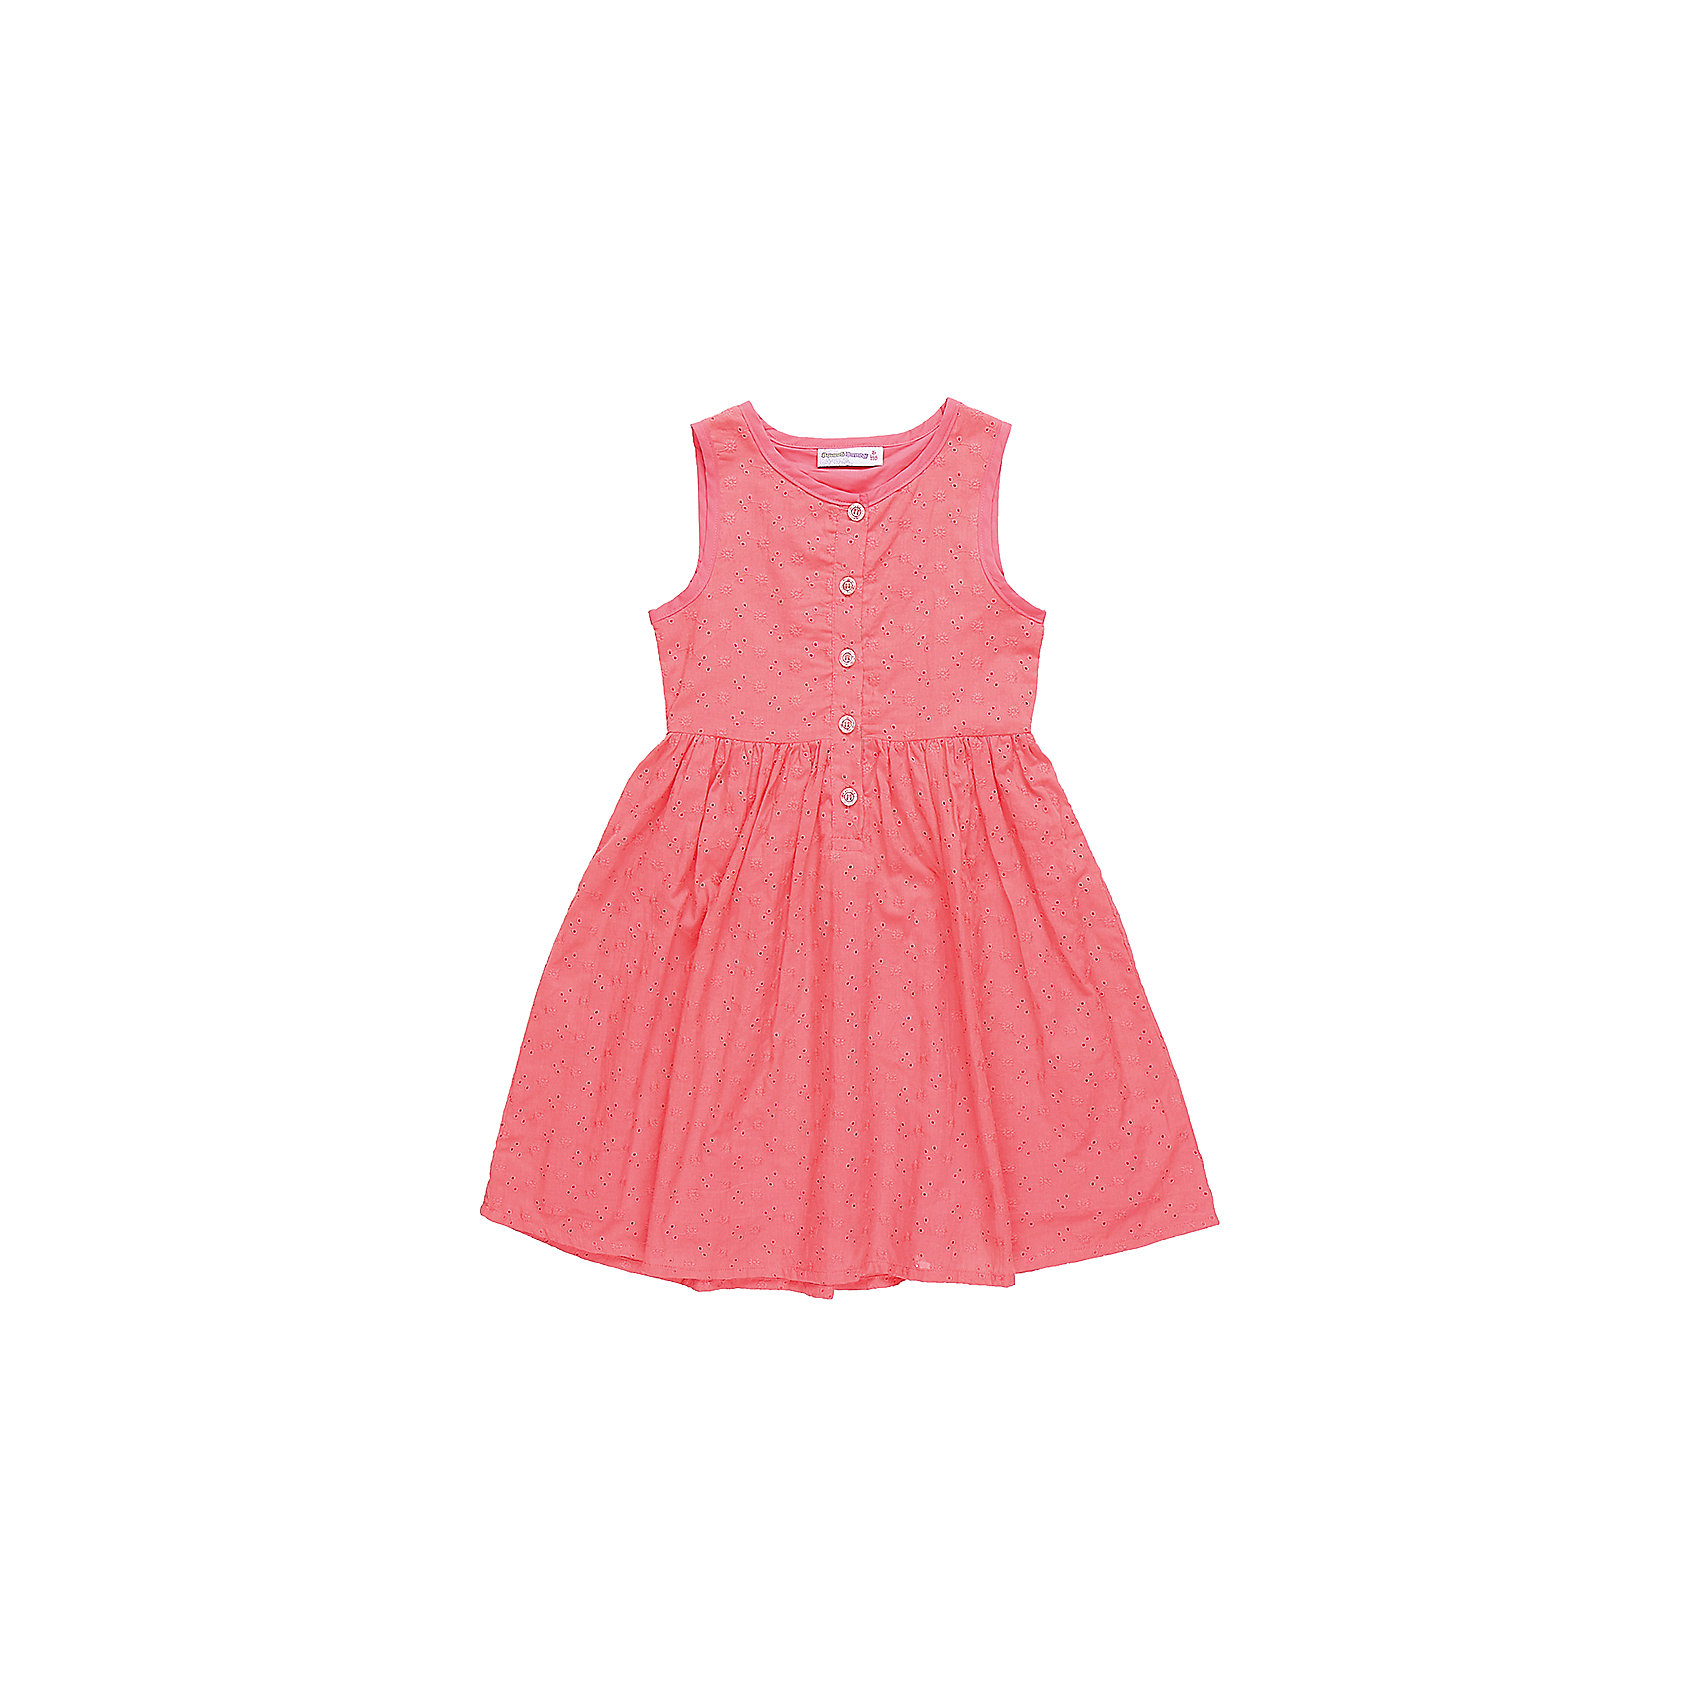 Платье для девочки Sweet BerryПлатья и сарафаны<br>Текстильное платье из хлопка для девочки без рукавов. Приталенный крой. Застегивается на пуговки.<br>Состав:<br>Верх: 100% хлопок, Подкладка: 100%хлопок<br><br>Ширина мм: 236<br>Глубина мм: 16<br>Высота мм: 184<br>Вес г: 177<br>Цвет: розовый<br>Возраст от месяцев: 60<br>Возраст до месяцев: 72<br>Пол: Женский<br>Возраст: Детский<br>Размер: 116,128,104,122,110,98<br>SKU: 5412237